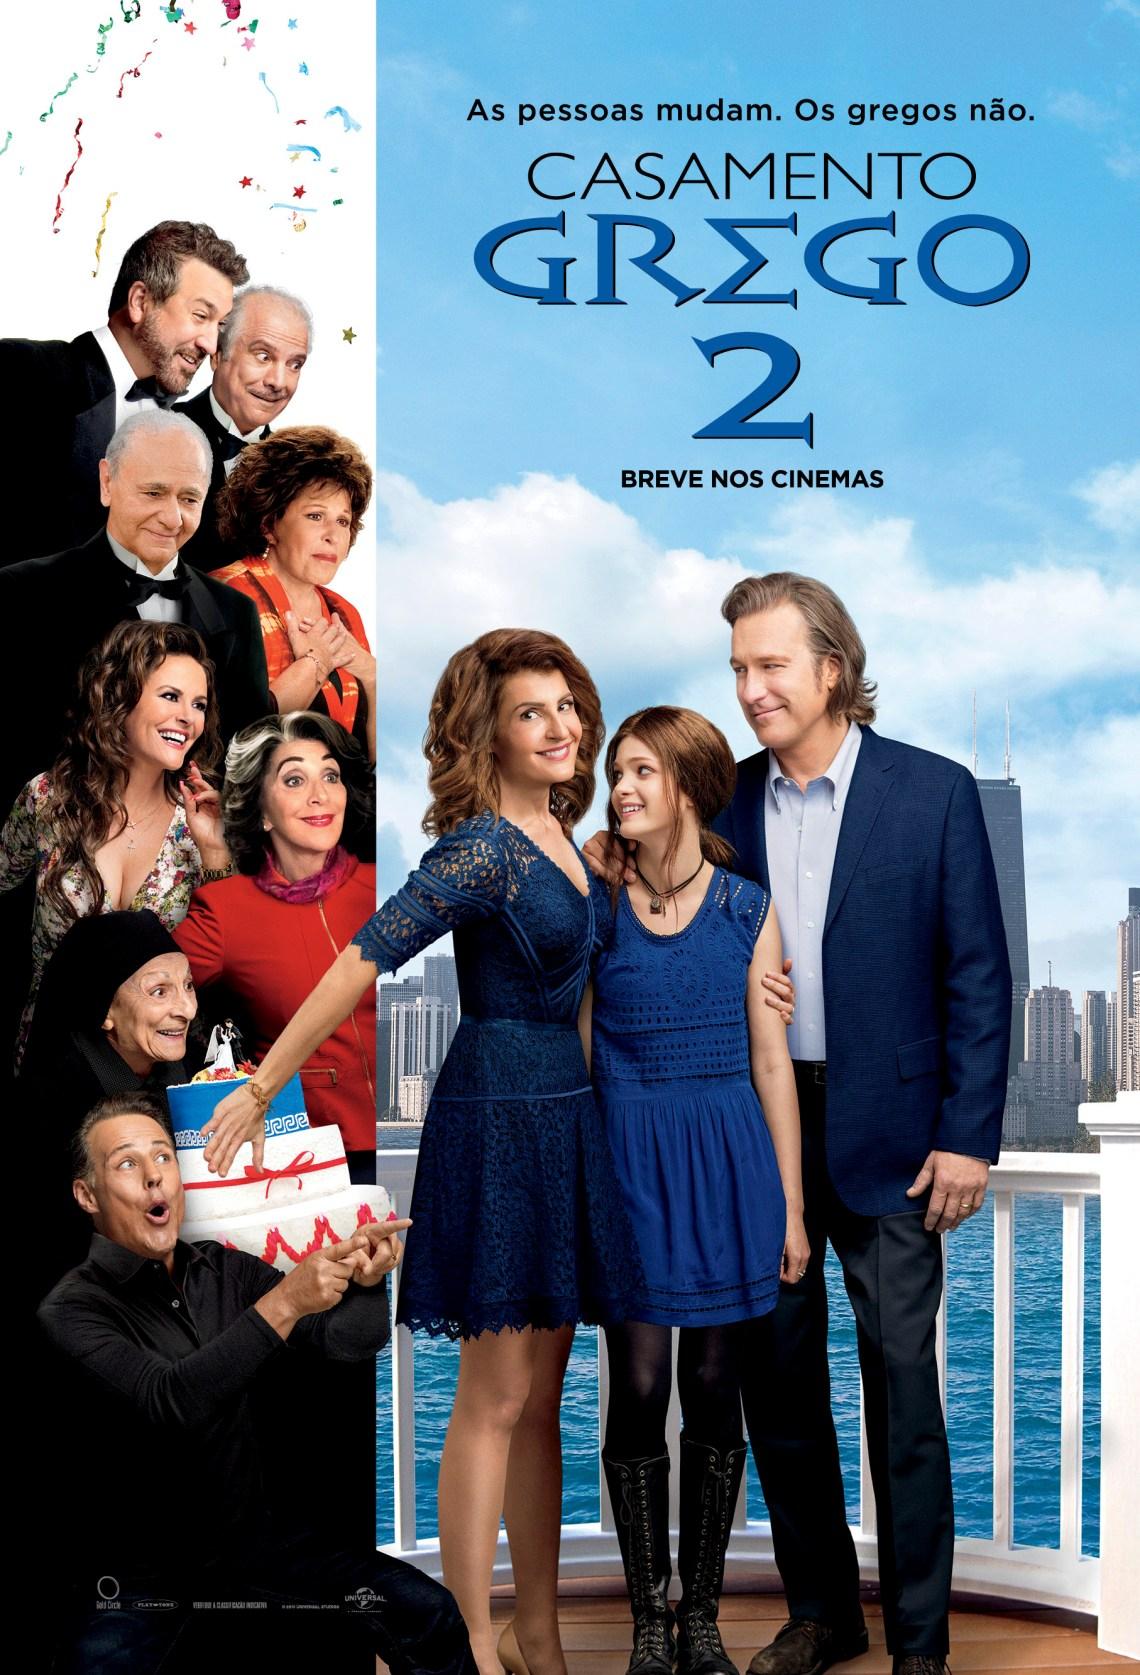 Casamento Grego 2 - Sessão da Tarde